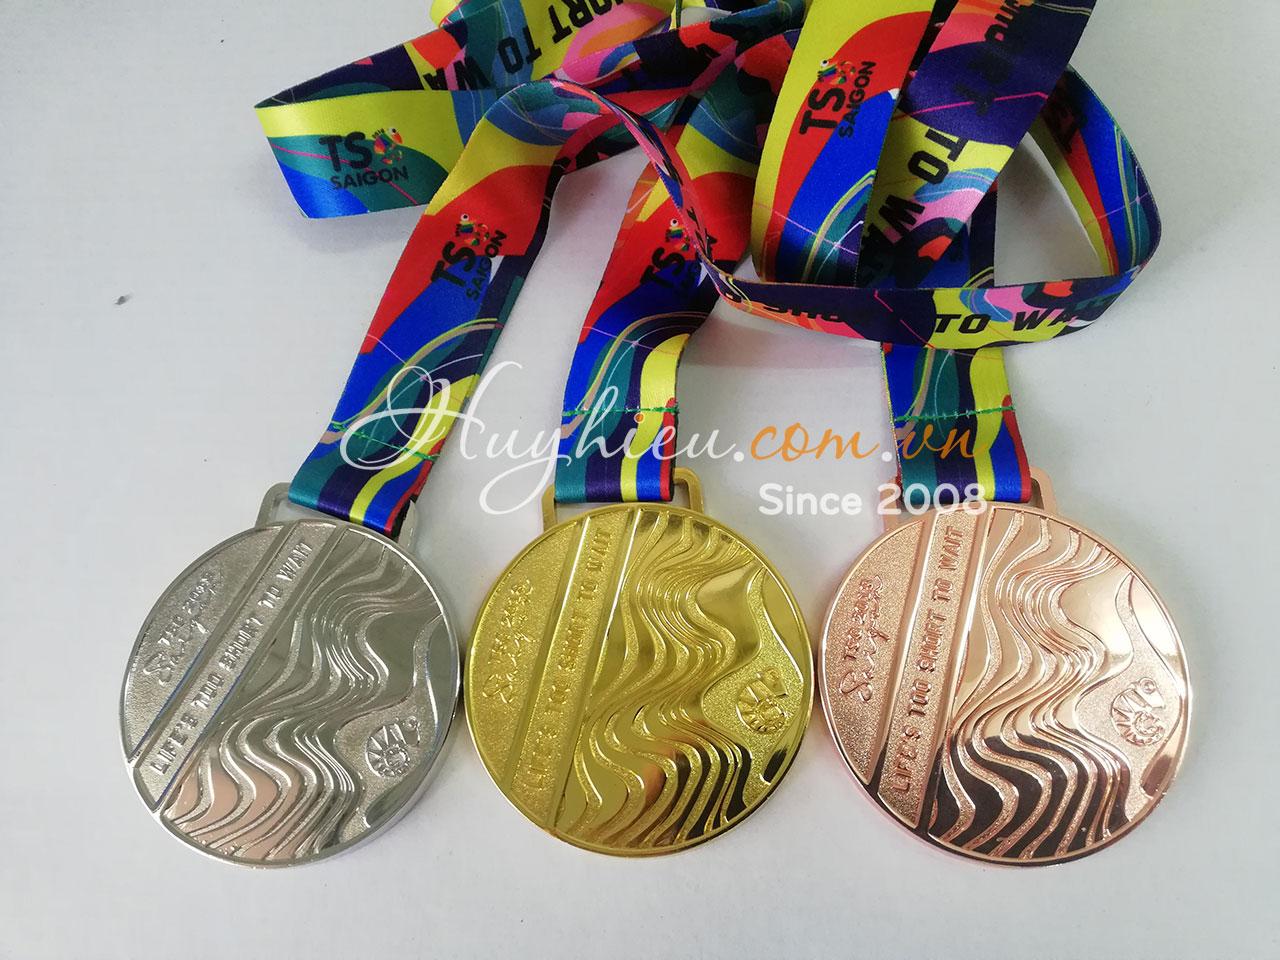 Huy chương thể thao 39